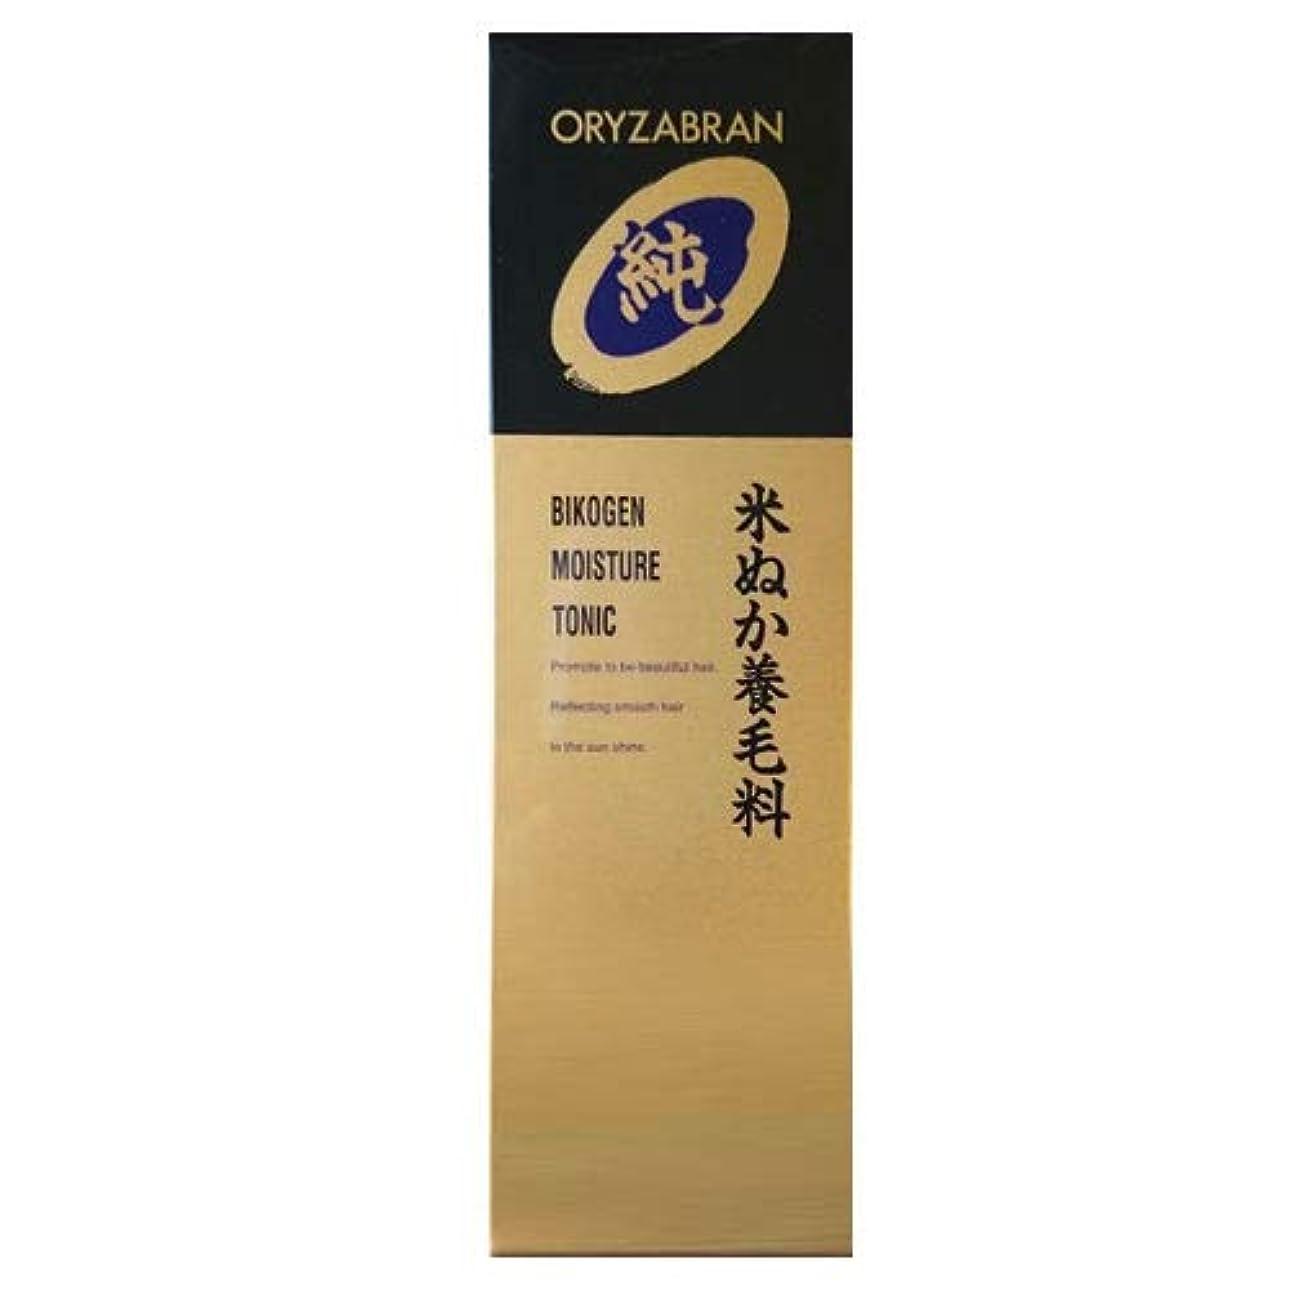 許されるオークに対応リアル オリザ純 ビコーゲン モイスチャートニック 米ぬか養毛料 180ml ヘアトニック